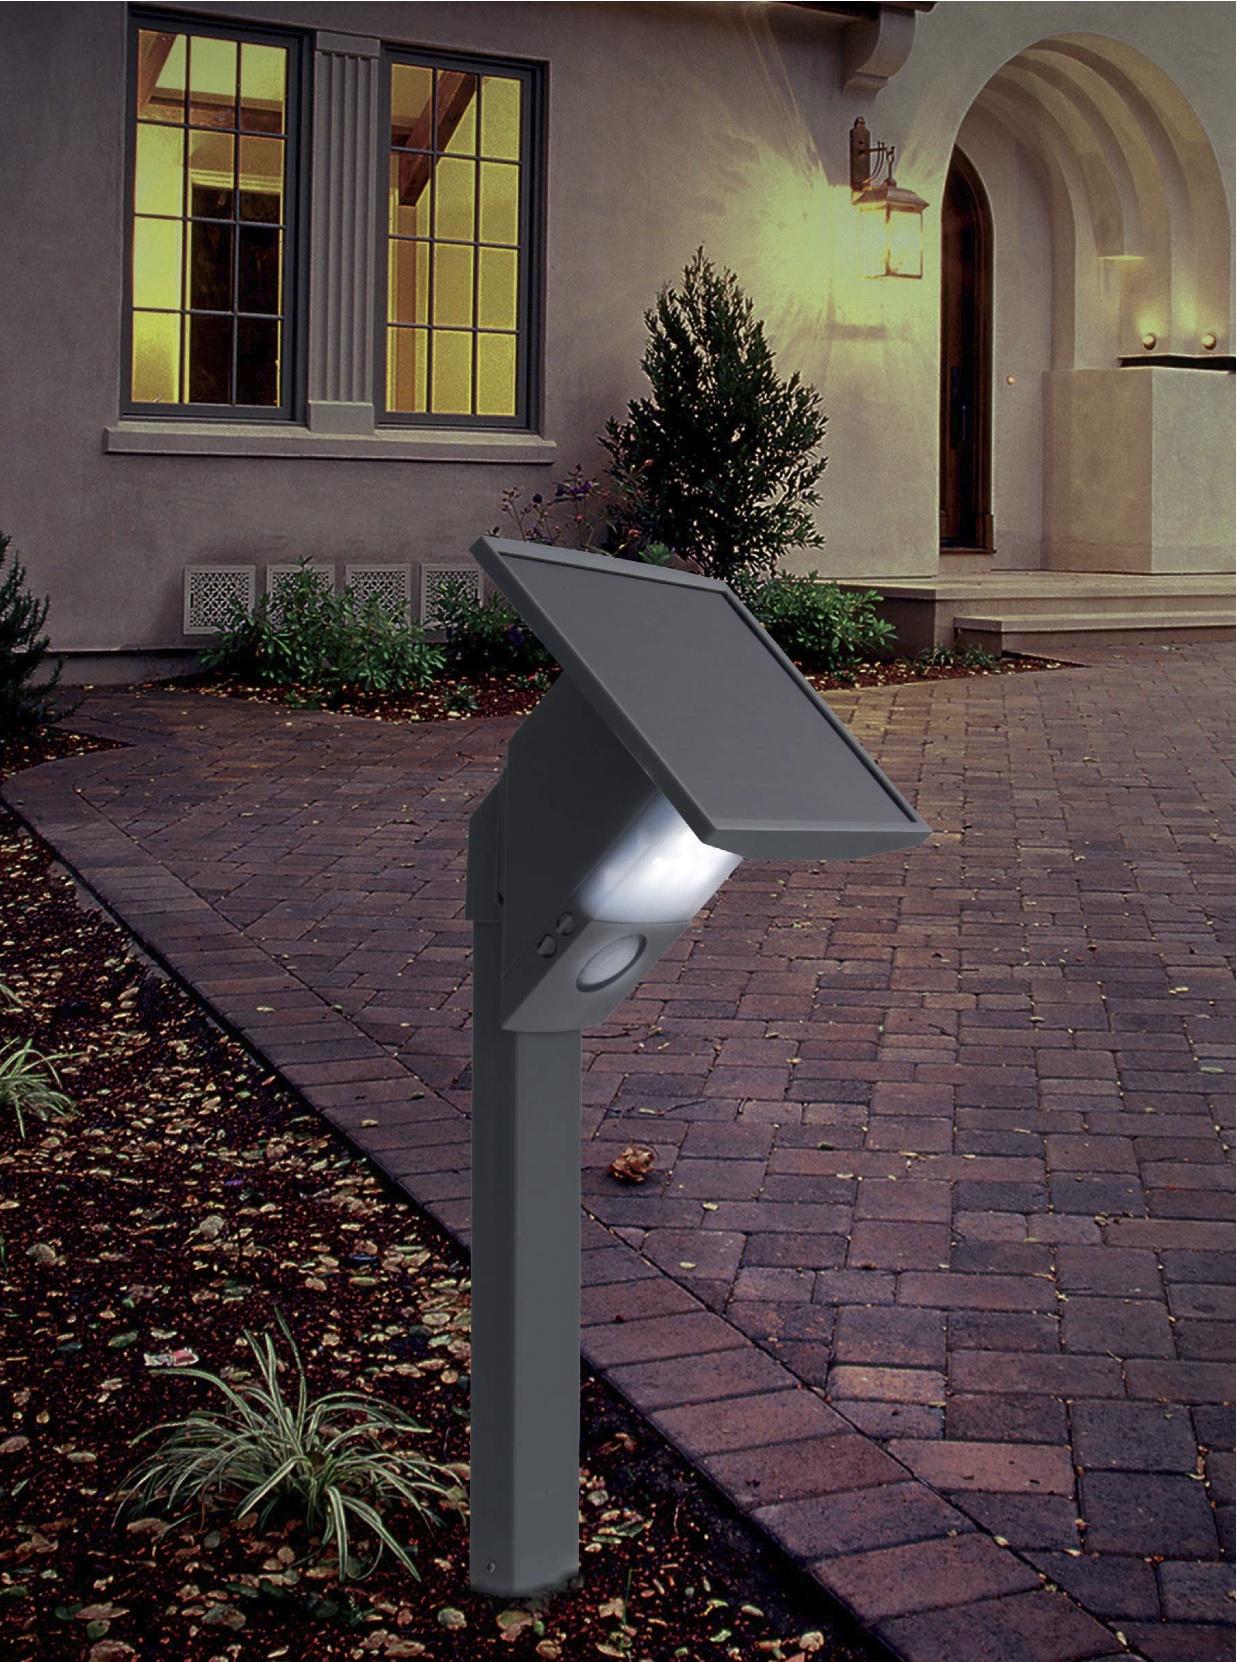 Borne solaire puissante 480 lumens eclairage solaire for Borne de jardin solaire